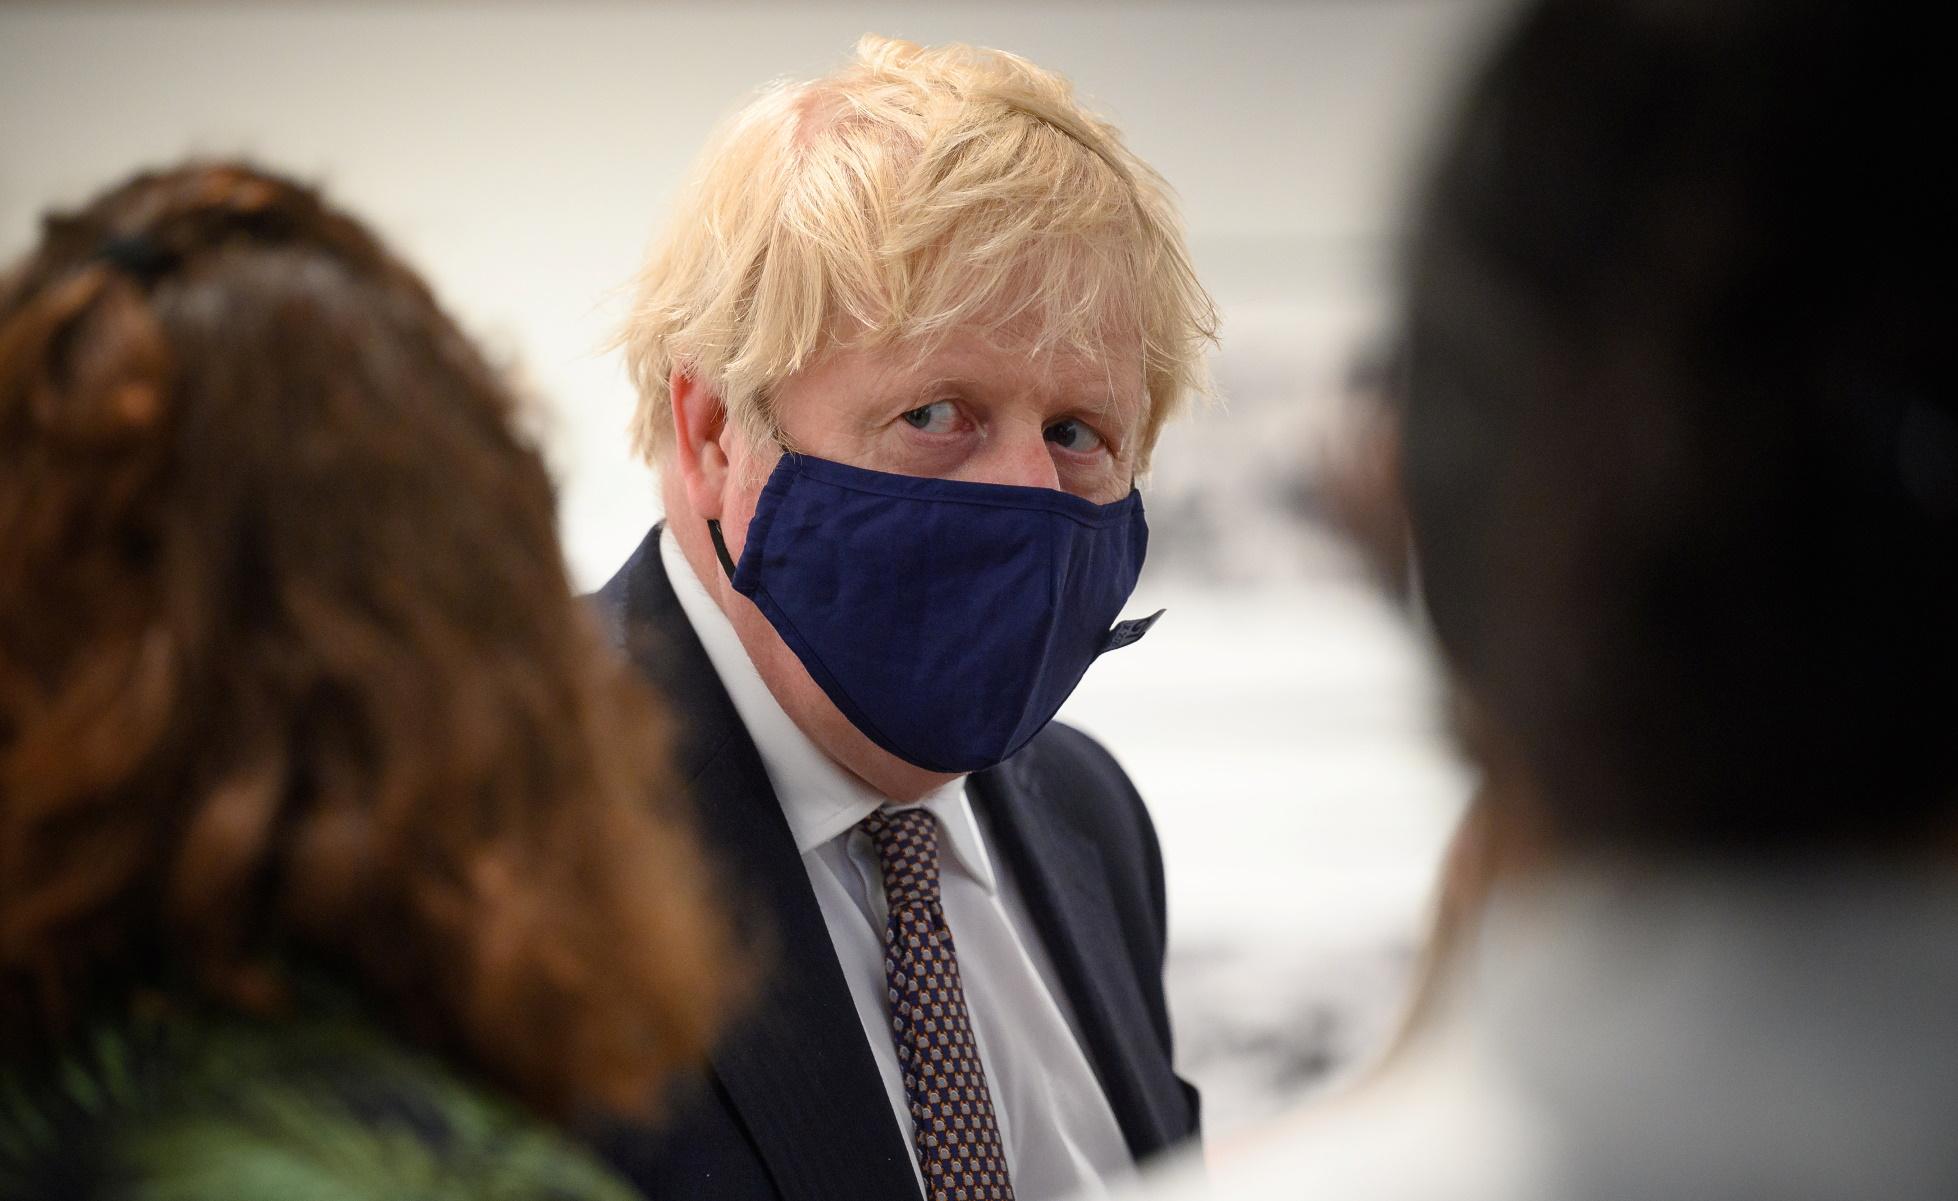 Κορονοϊός – Μπόρις Τζόνσον: «Τρενάρει» την άρση των περιοριστικών μέτρων στη Βρετανία